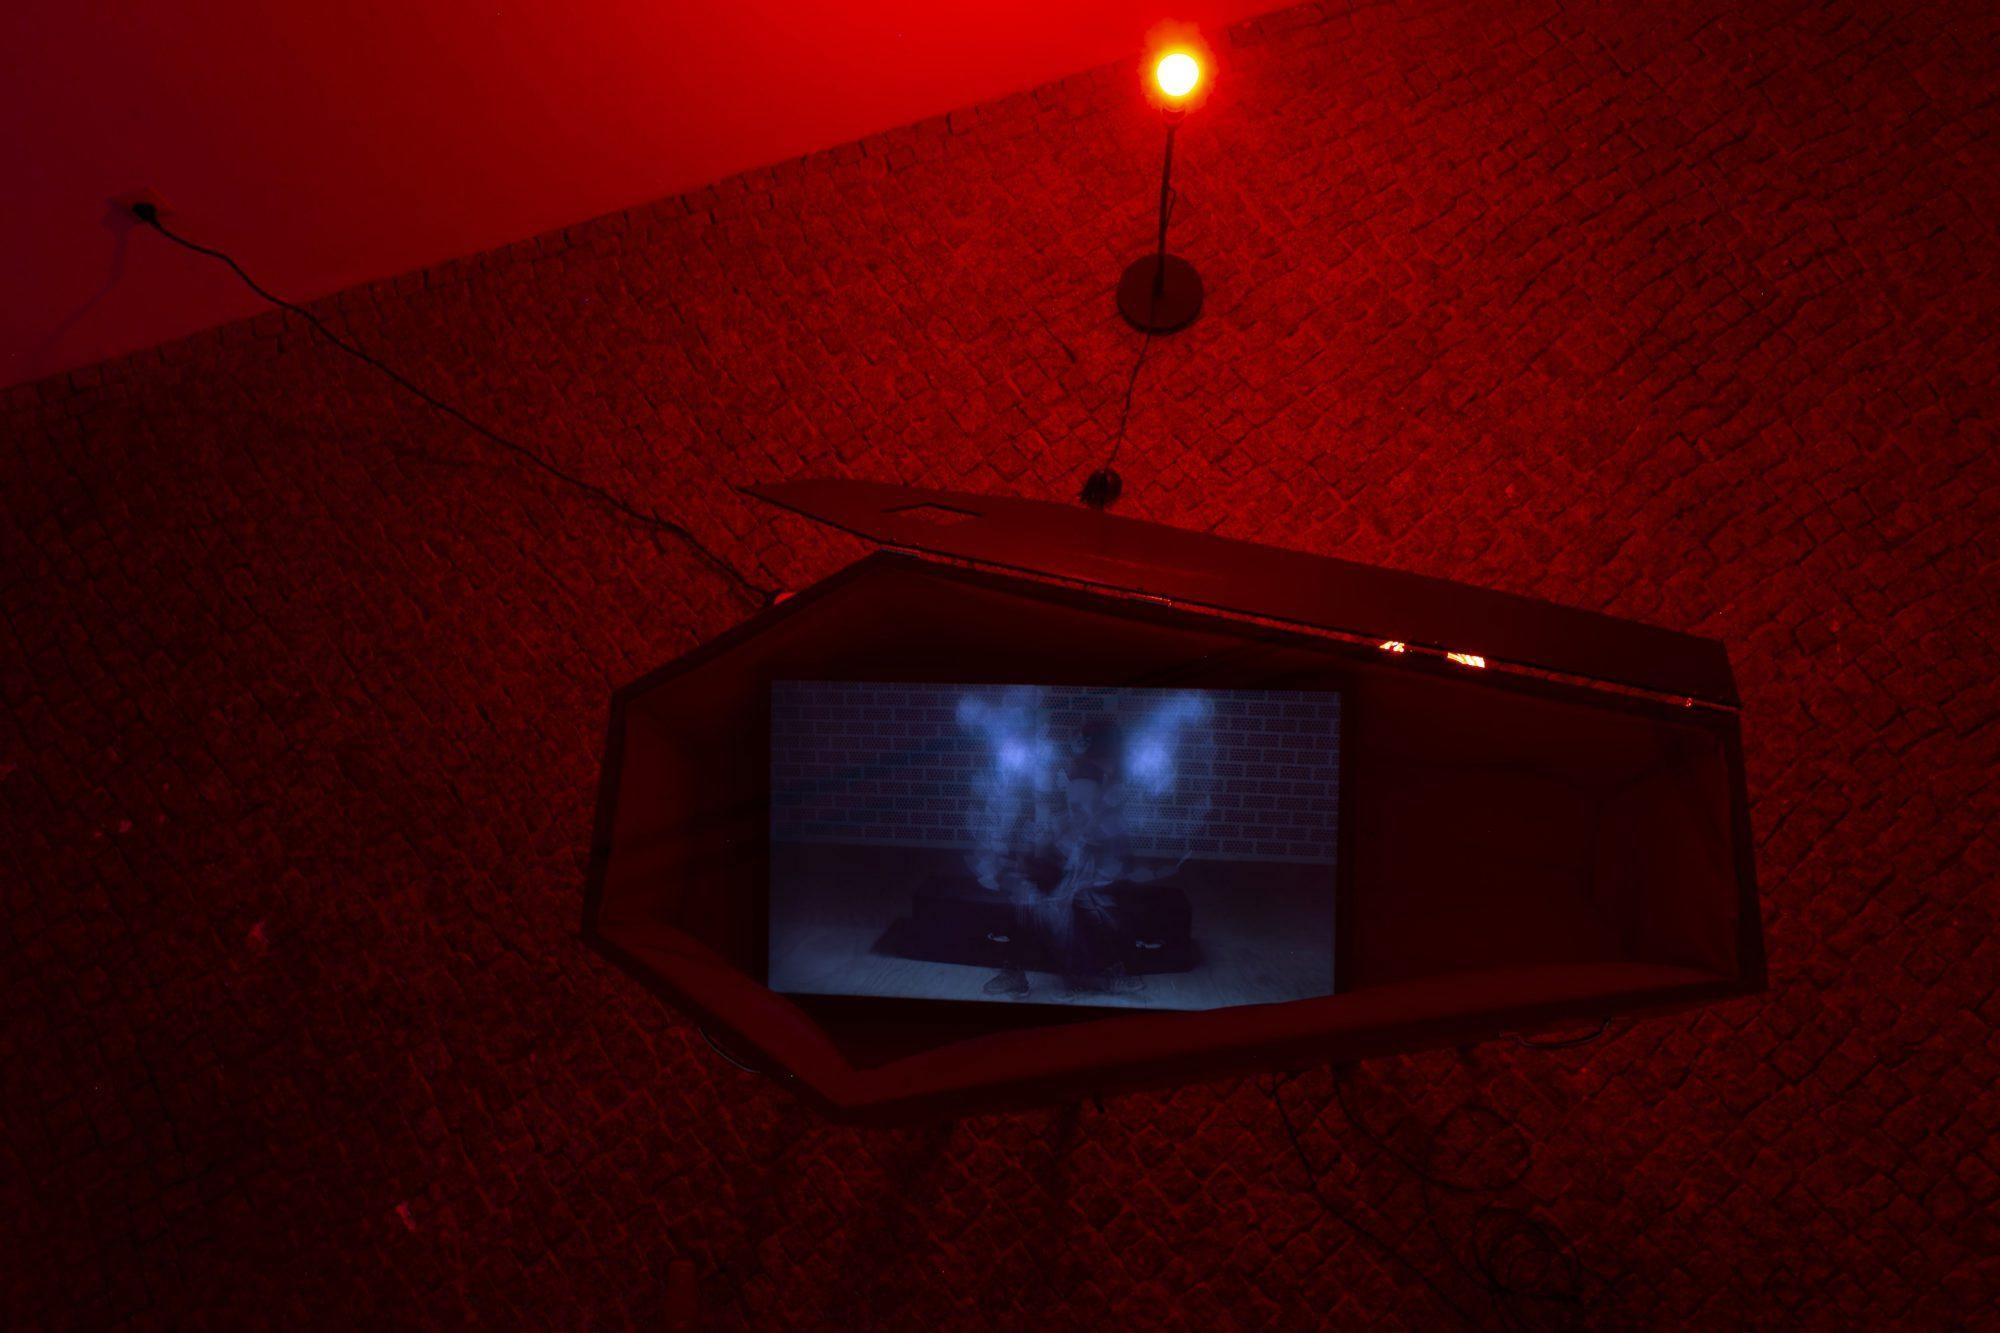 """<p>Esteban Rivera Ariza, """"Hören sie, die Kinder der Nacht, wie sie Musik machen"""", 2019, Videoinstallation im Sarg, Detail der Ausstellung, Foto: Anastasia Muna</p>"""